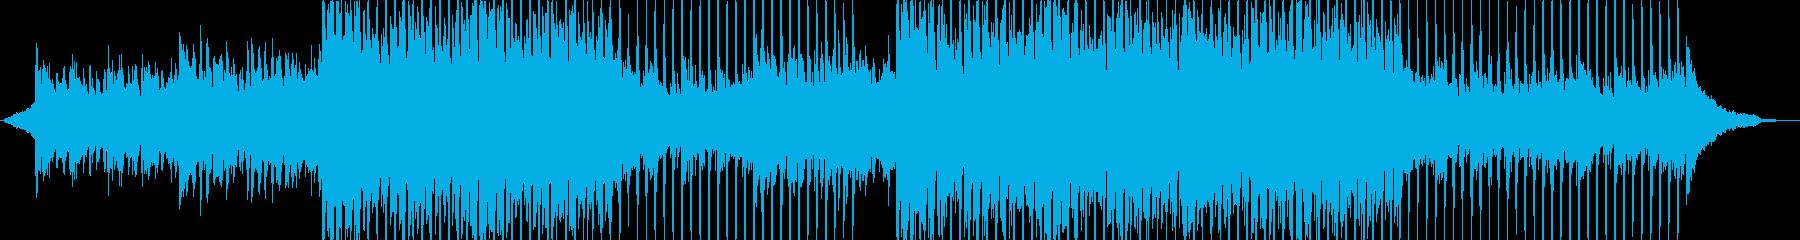 企業系 ピアノとアコースティックギターの再生済みの波形